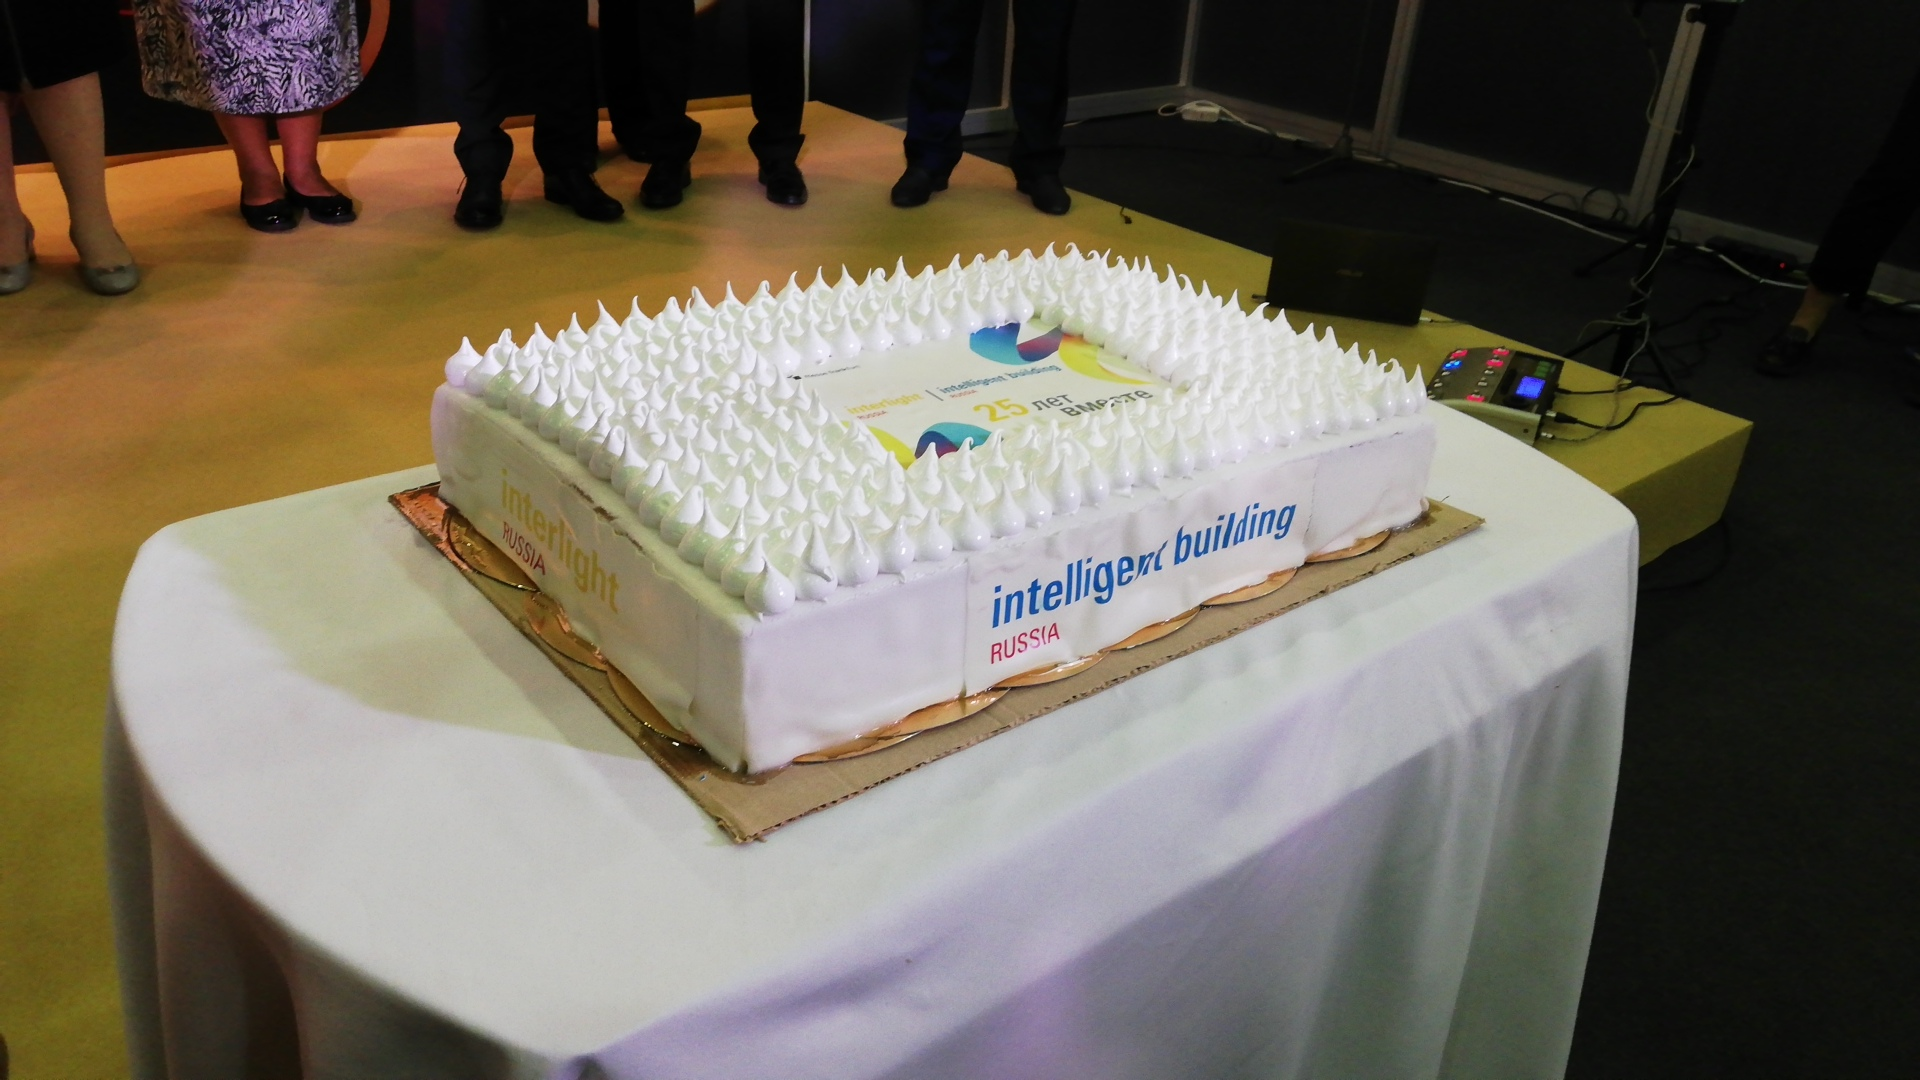 Торт с логотипом Interlight Russia | Intelligent building Russia